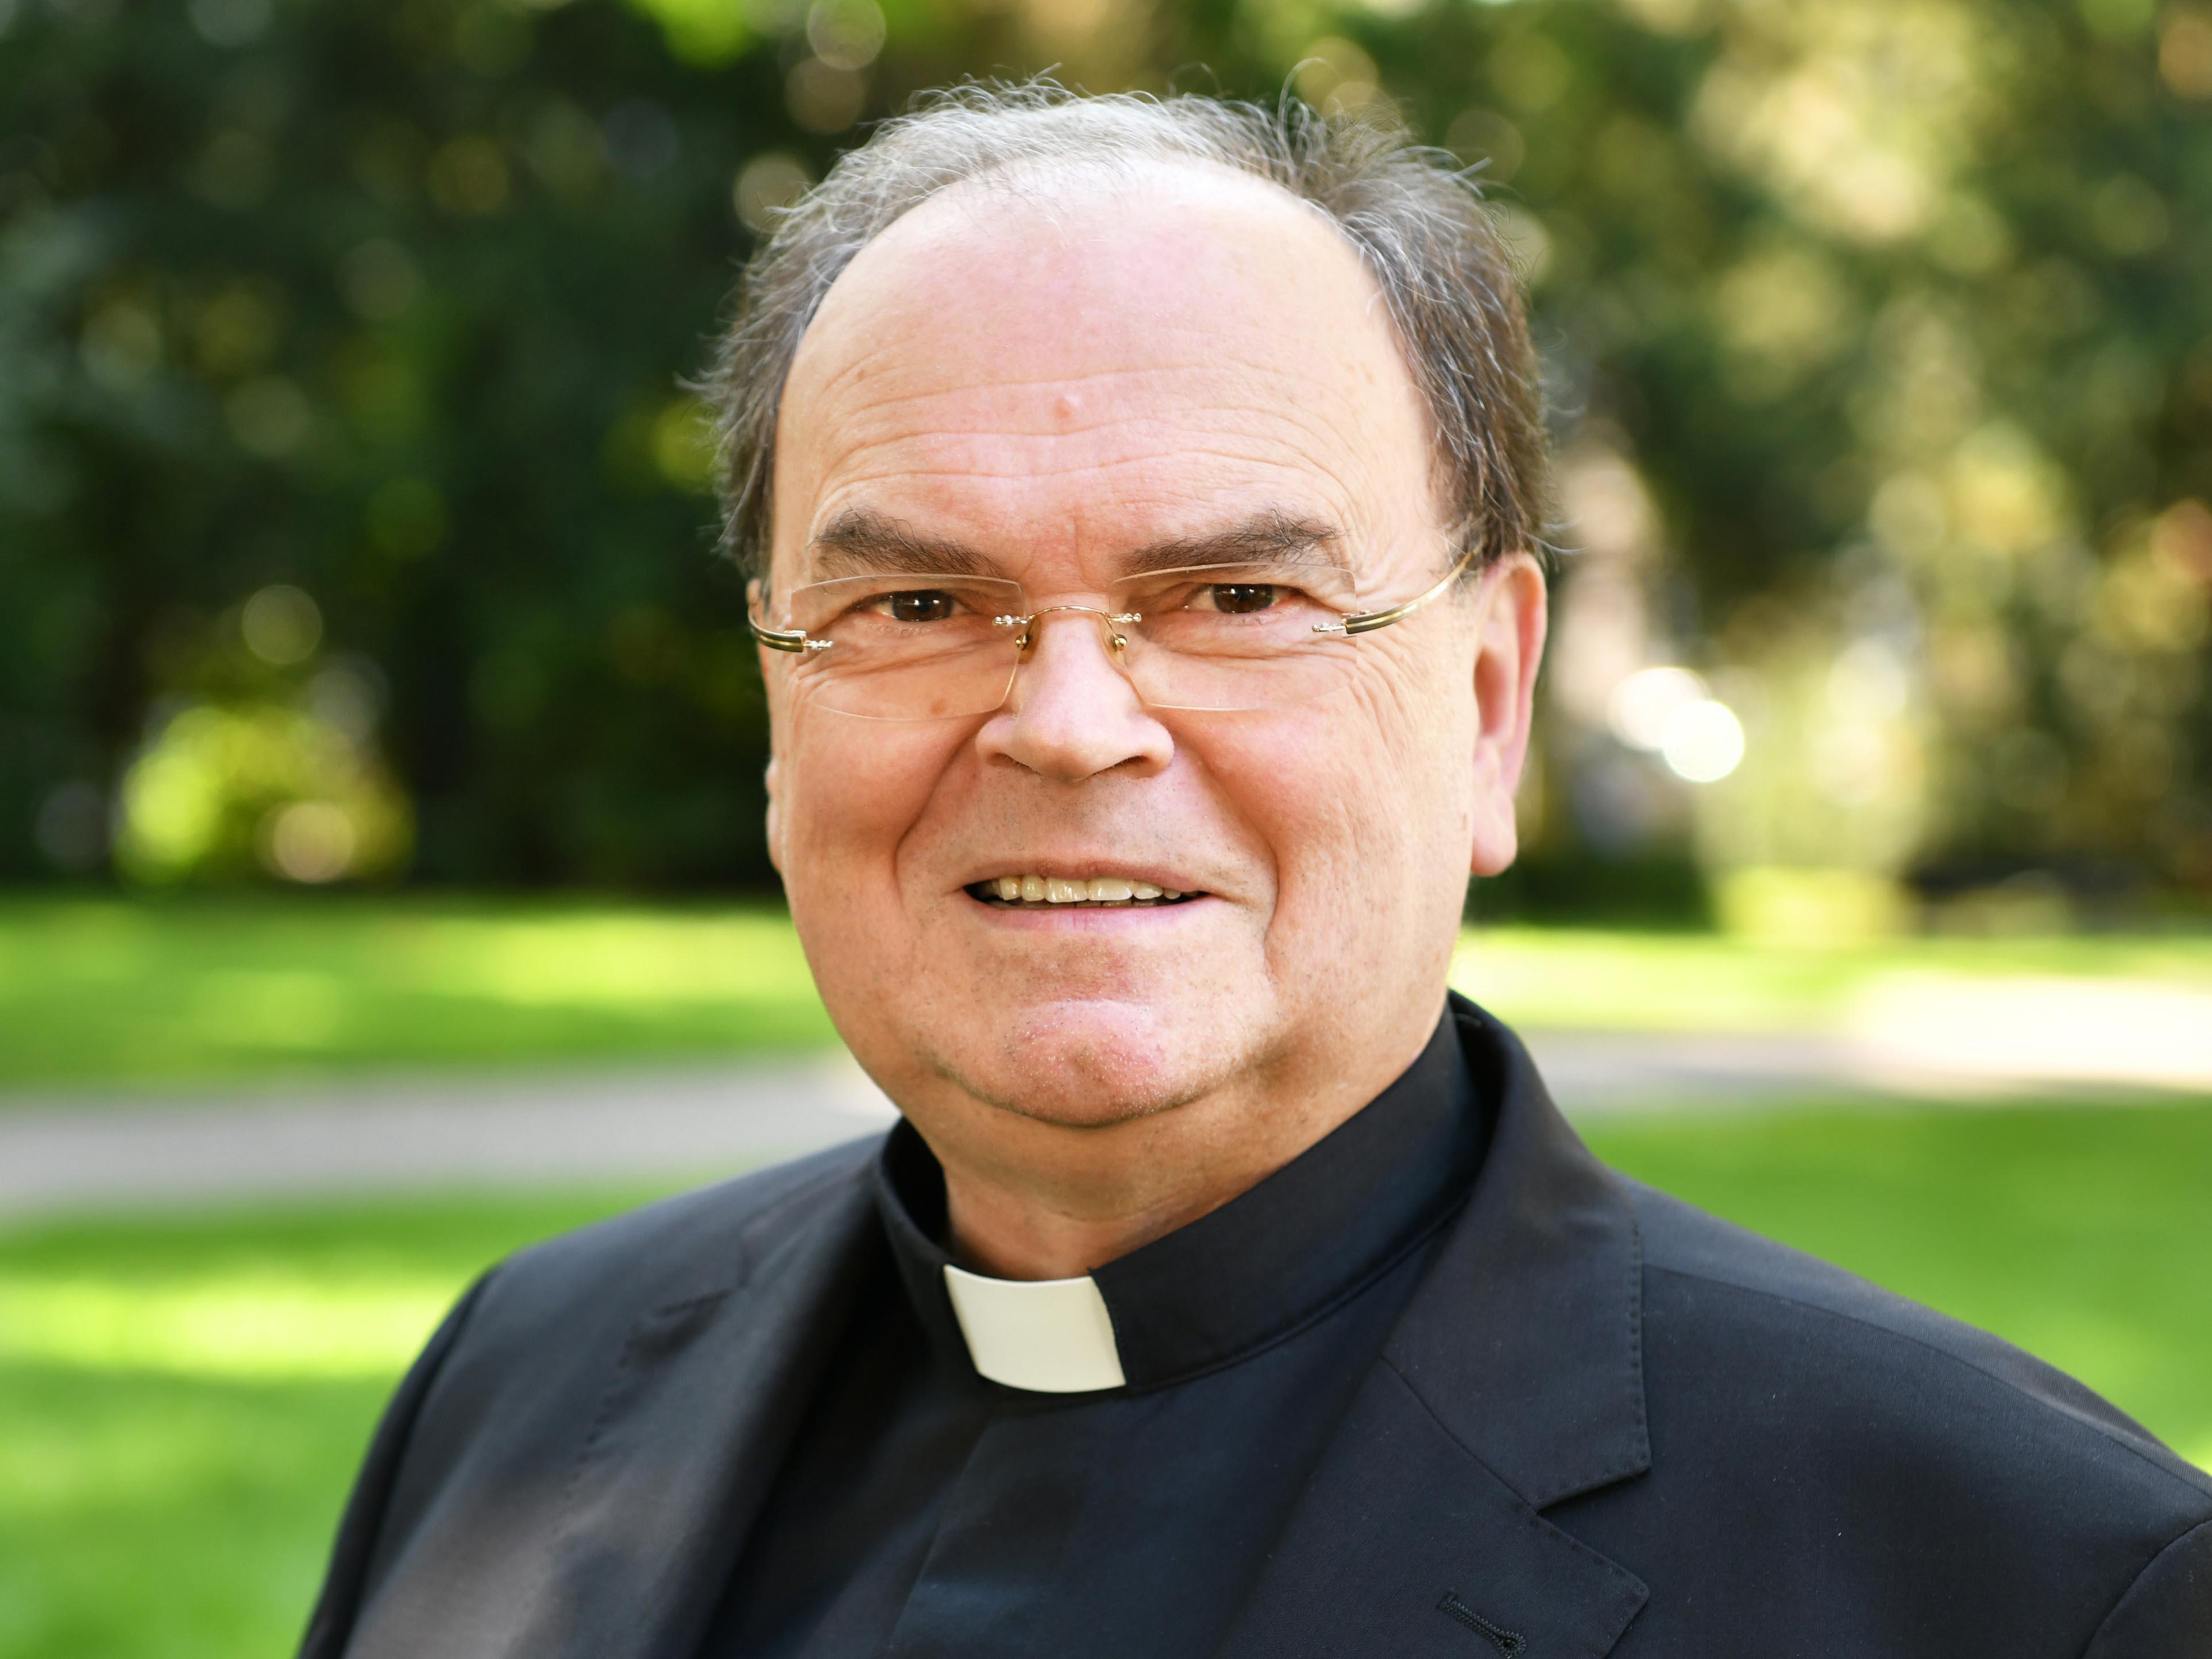 Diözesanadministrator Dr. Bertram Meier, ernannter Bischof von Augsburg (Foto: Nicolas Schnall / pba)